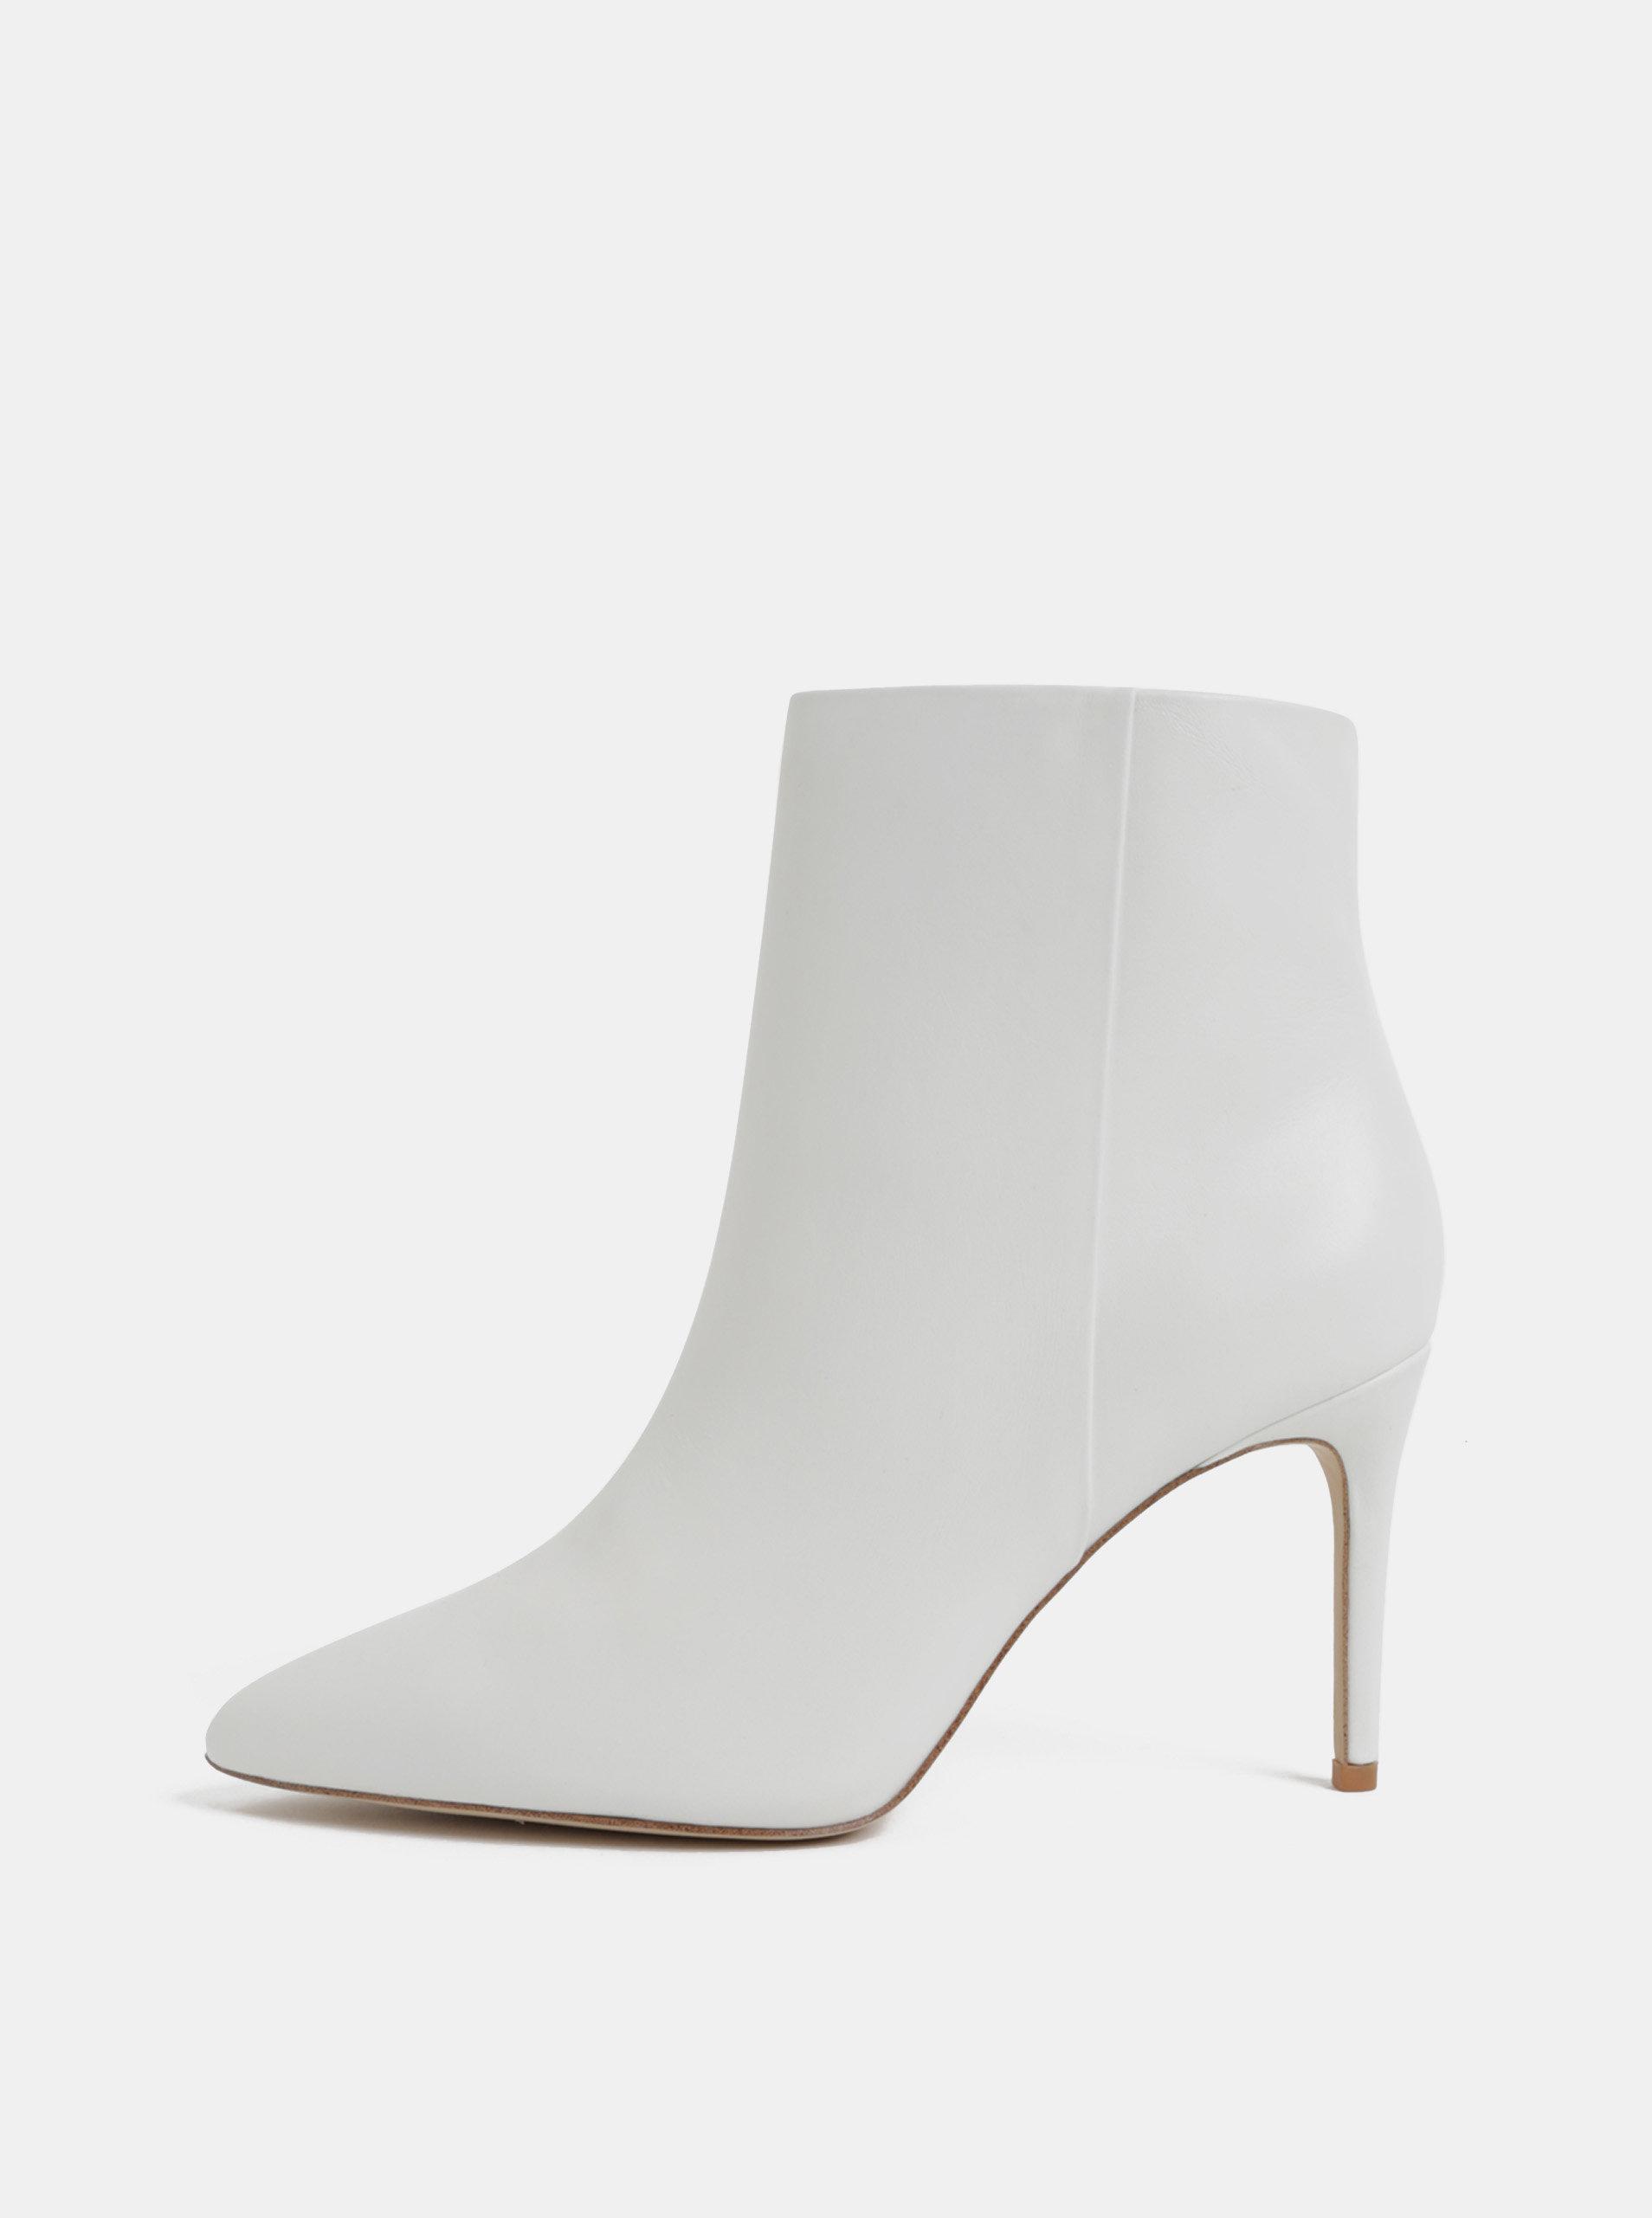 Biele kožené členkové topánky na ihličkovom podpätku ALDO ... 47fcebdbf63